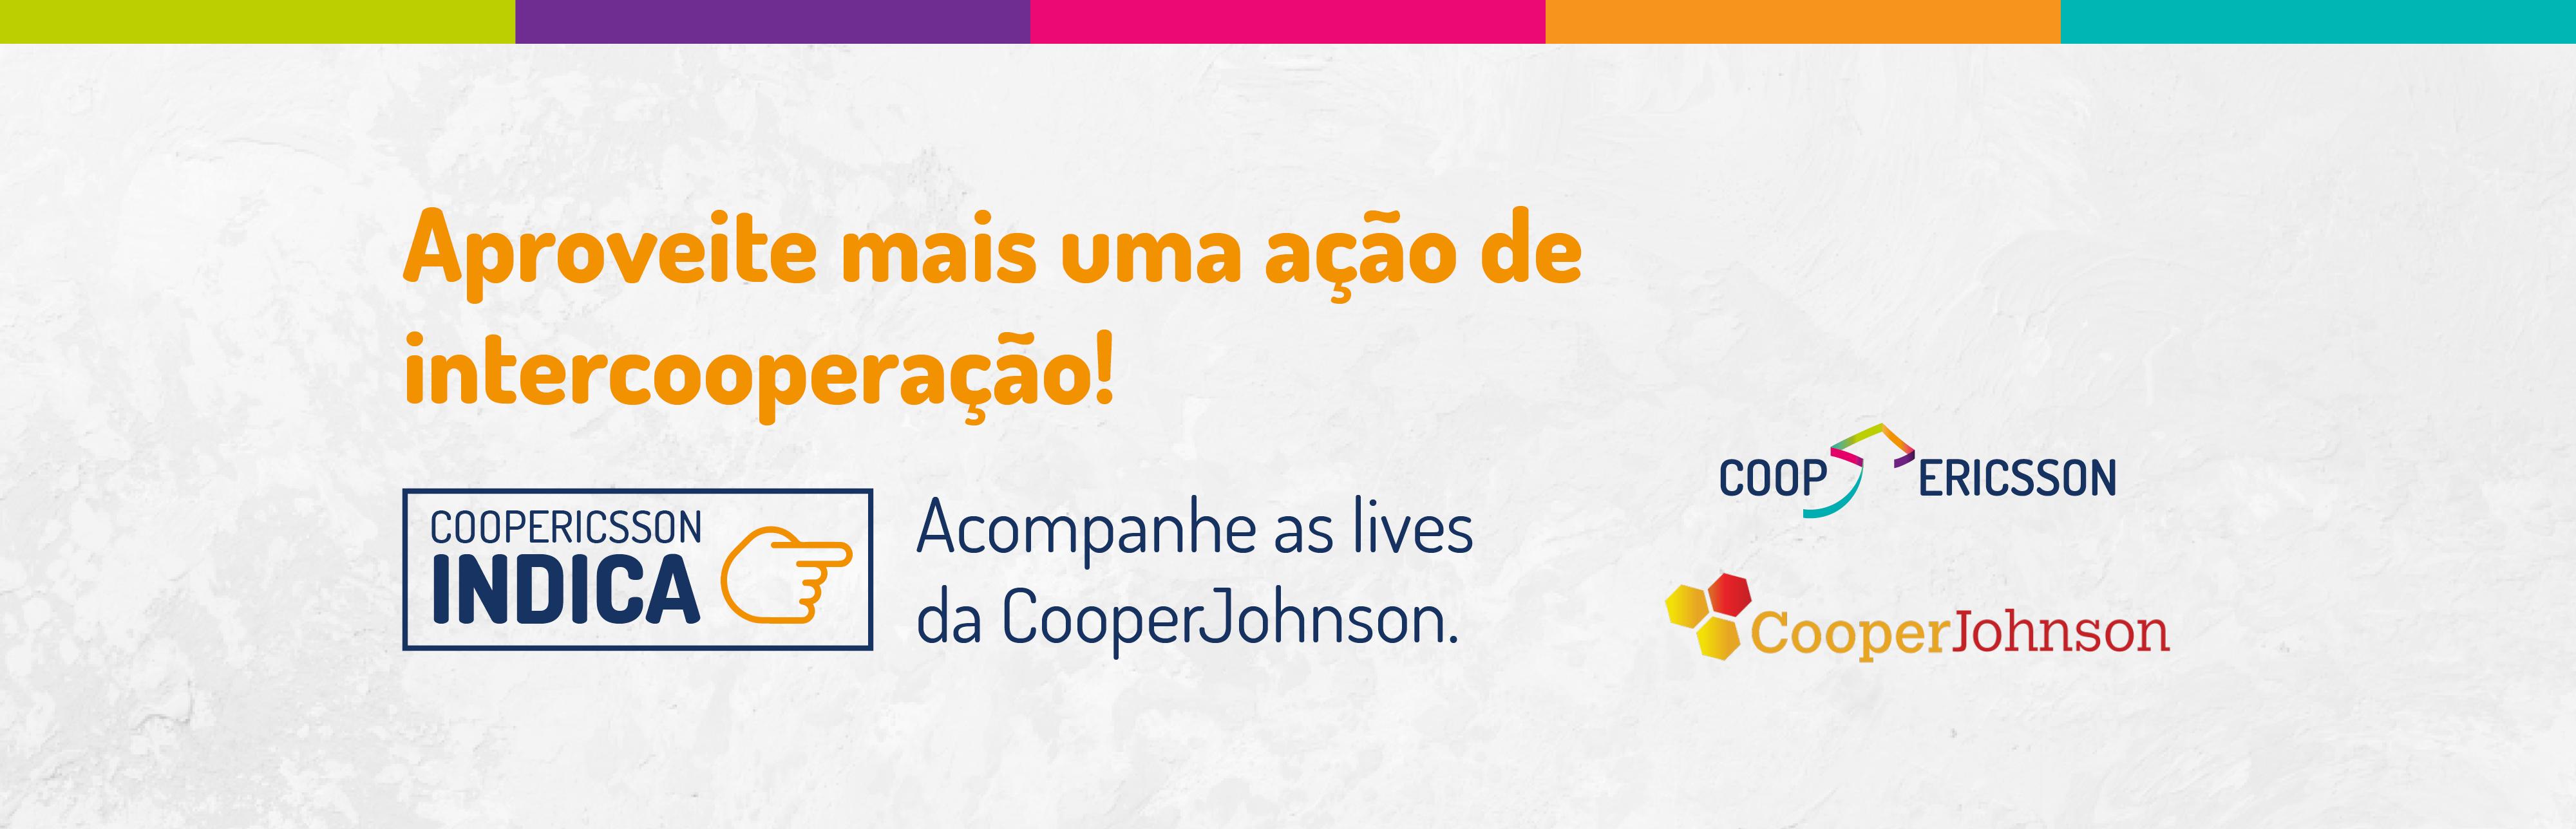 Lives da CooperJohnson